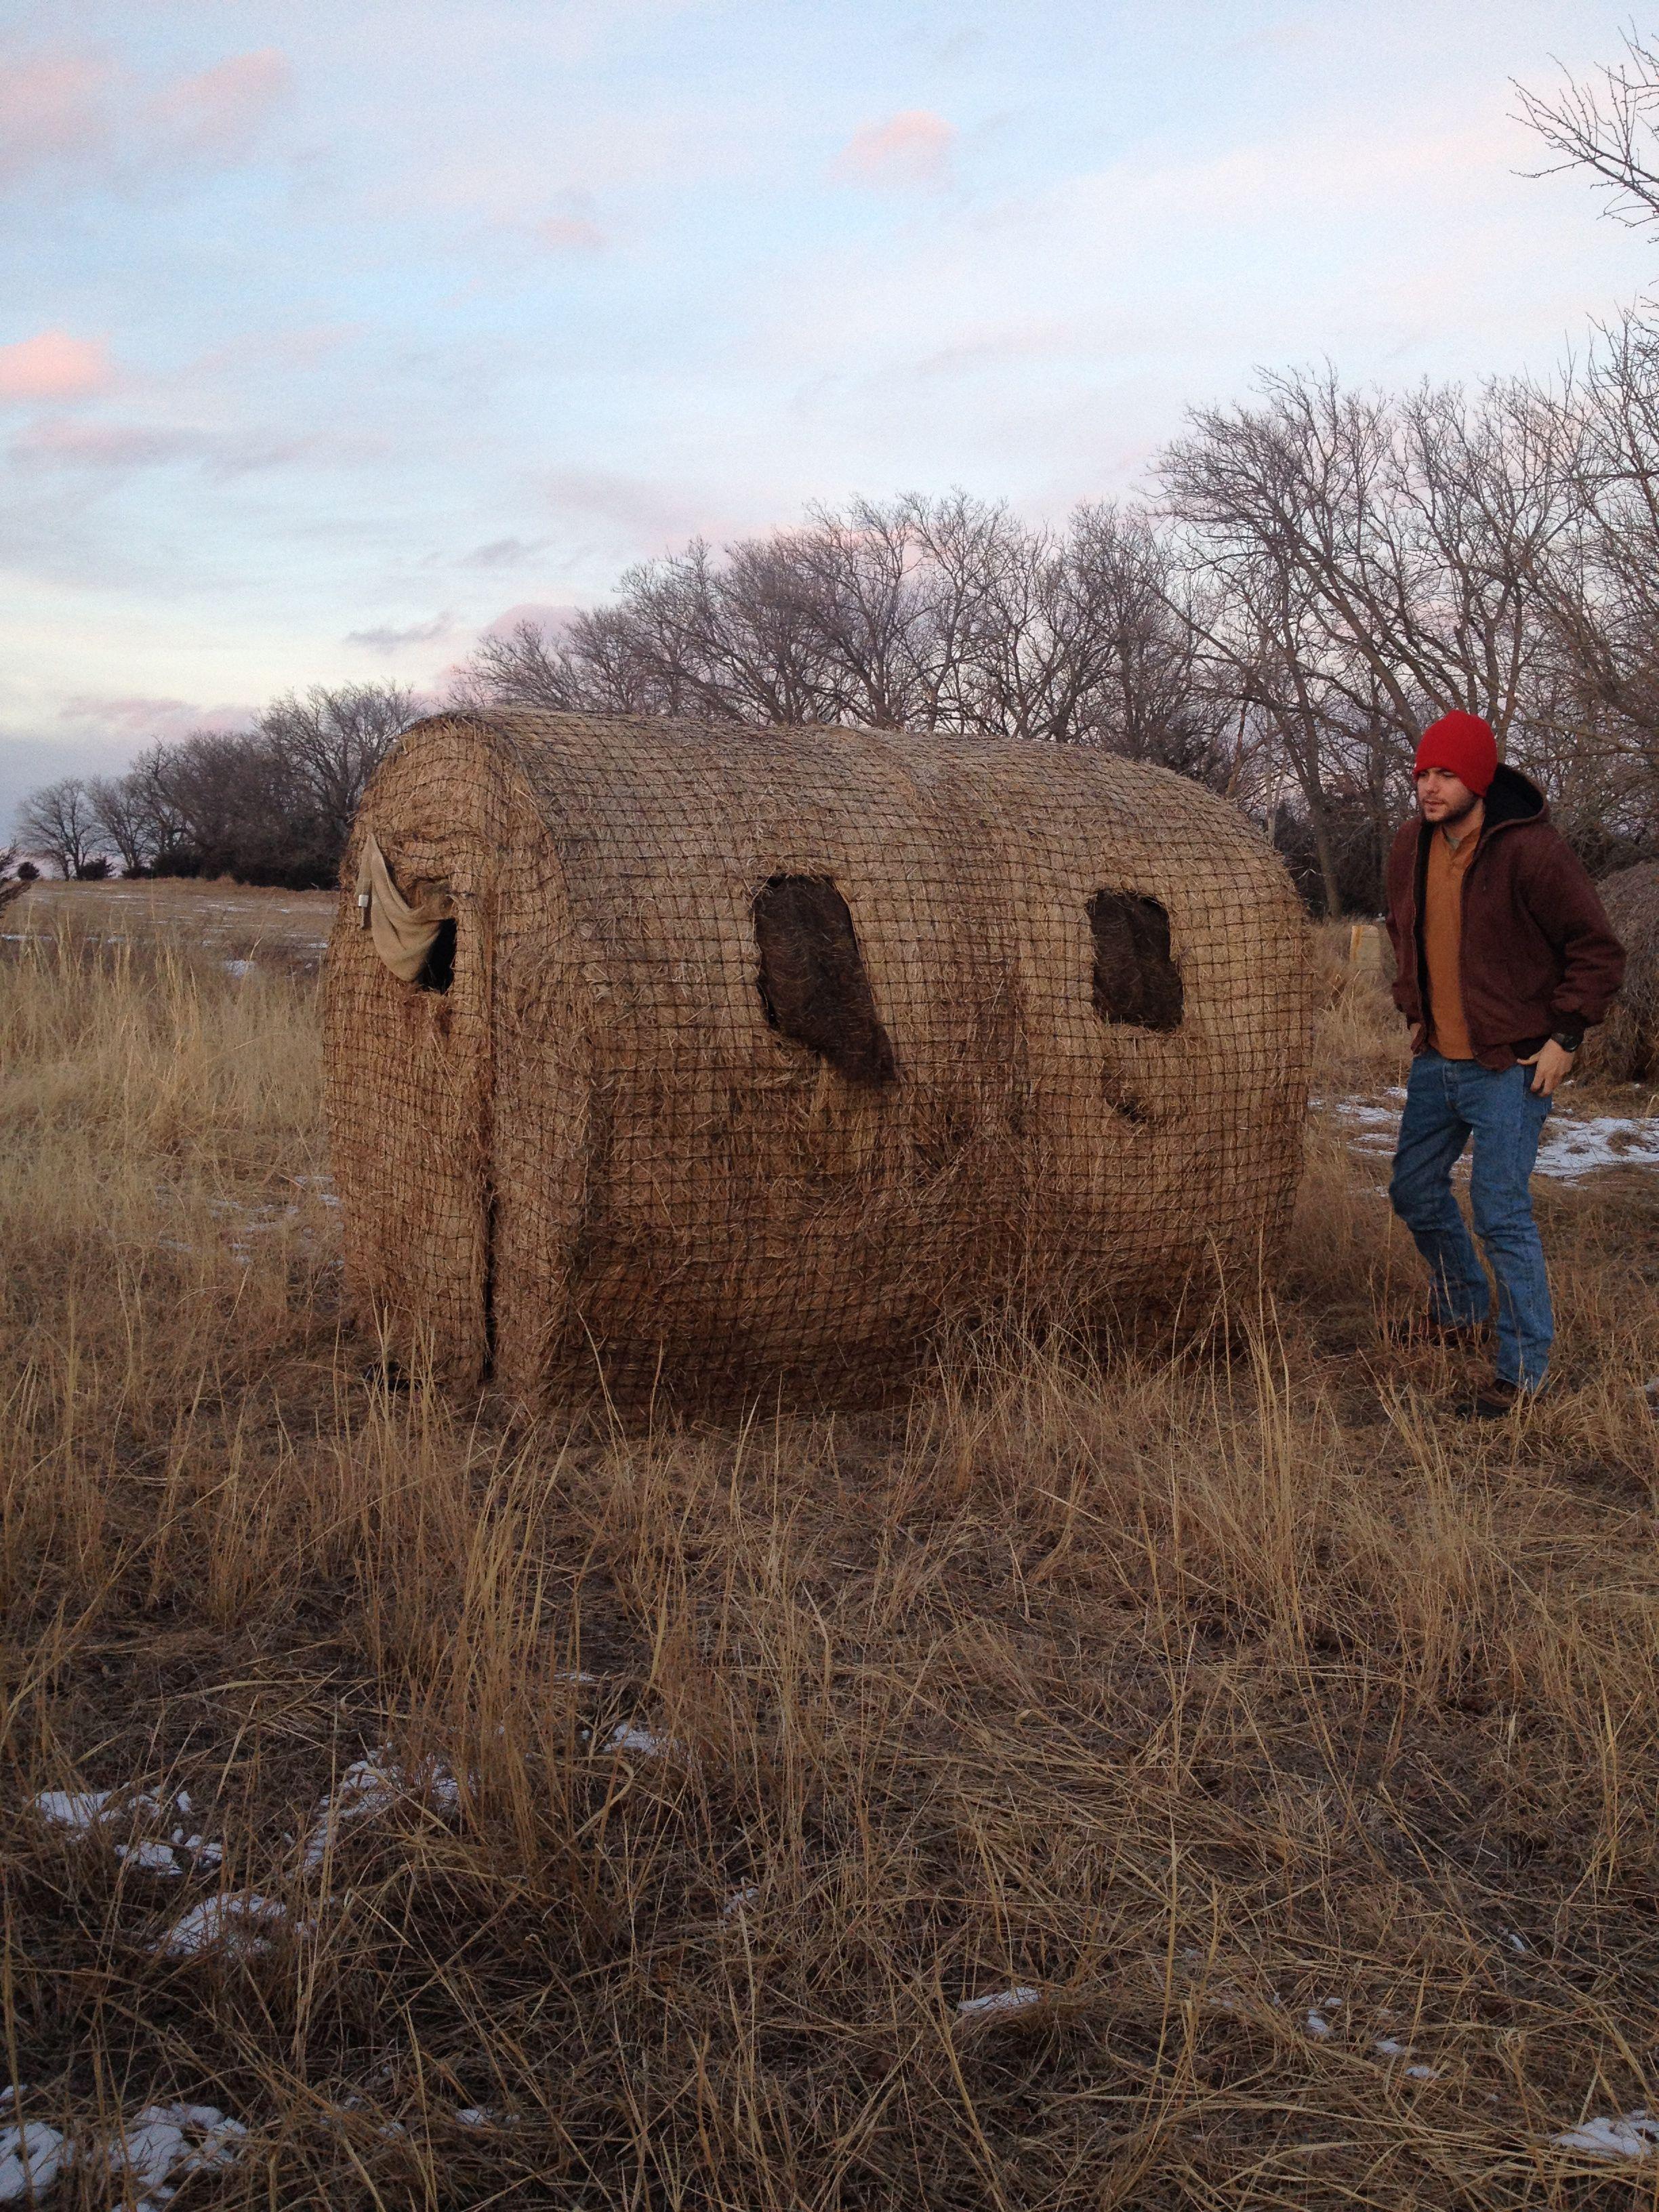 Genius Deer Blind Looks Just Like A Hay Bale Hunted In